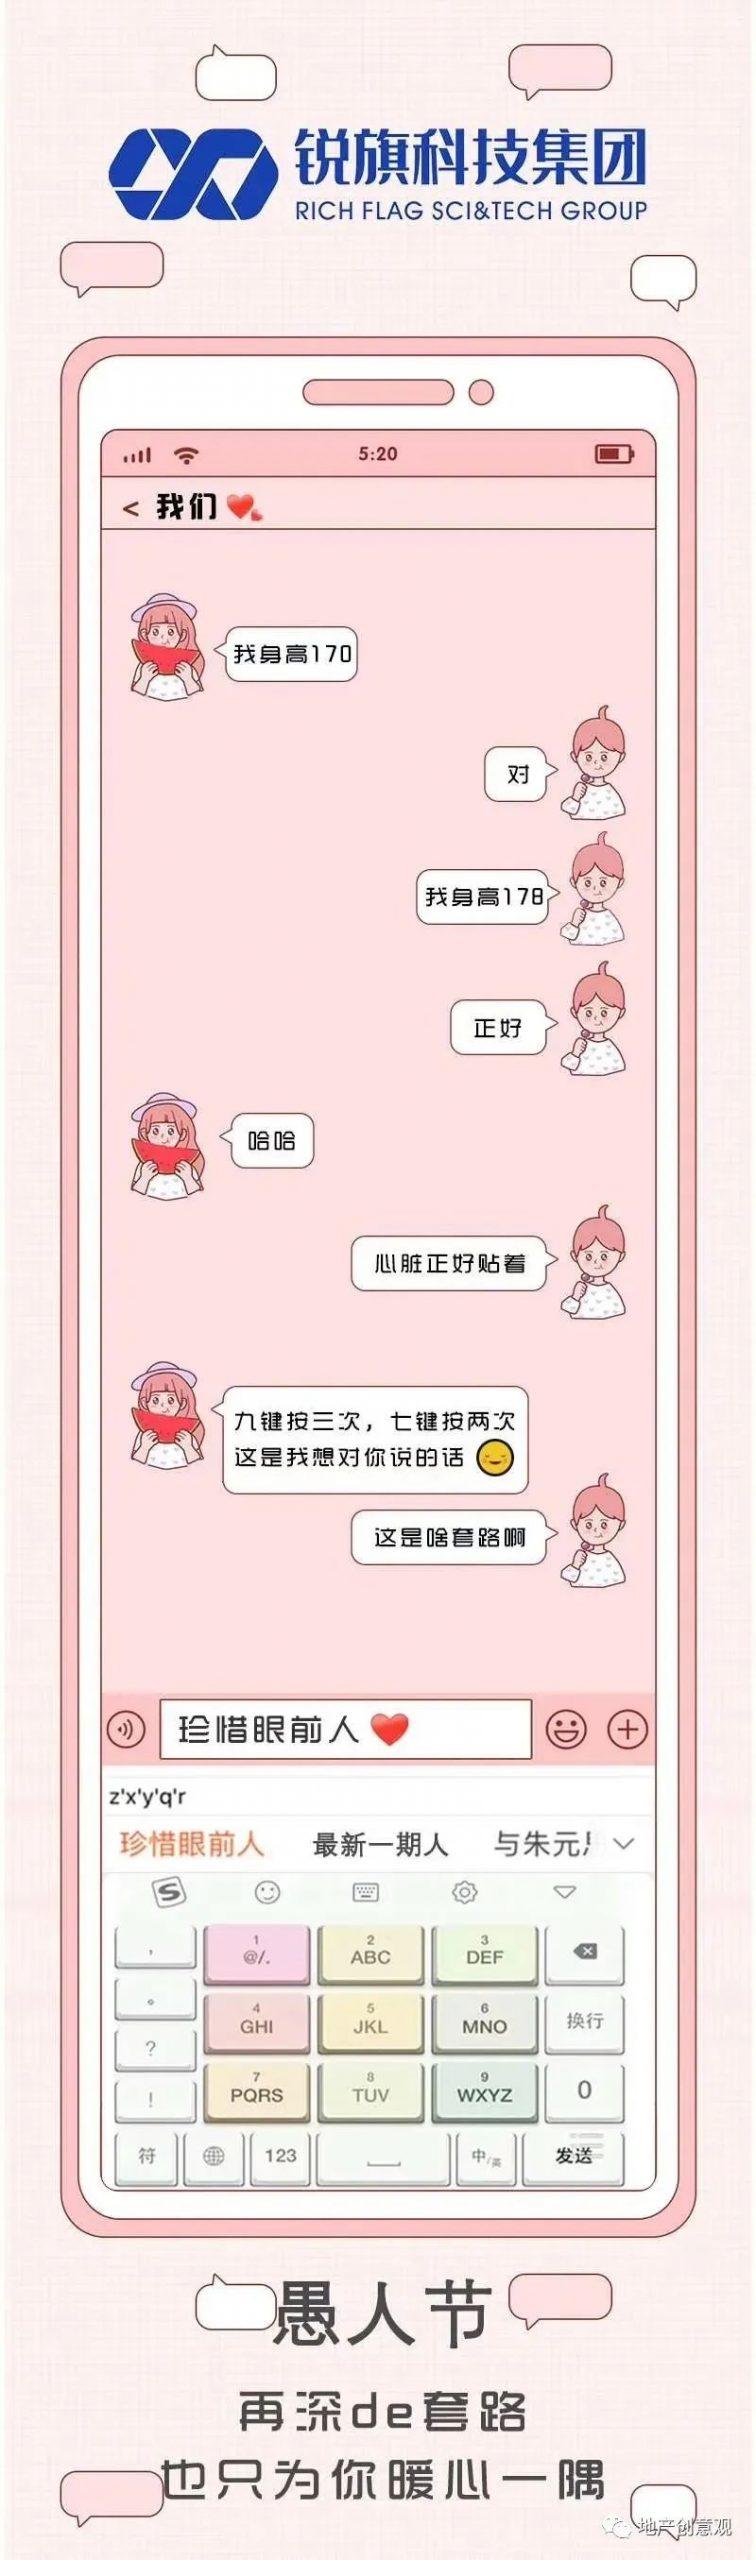 地产广告丨2021愚人节借势海报文案欣赏~插图69